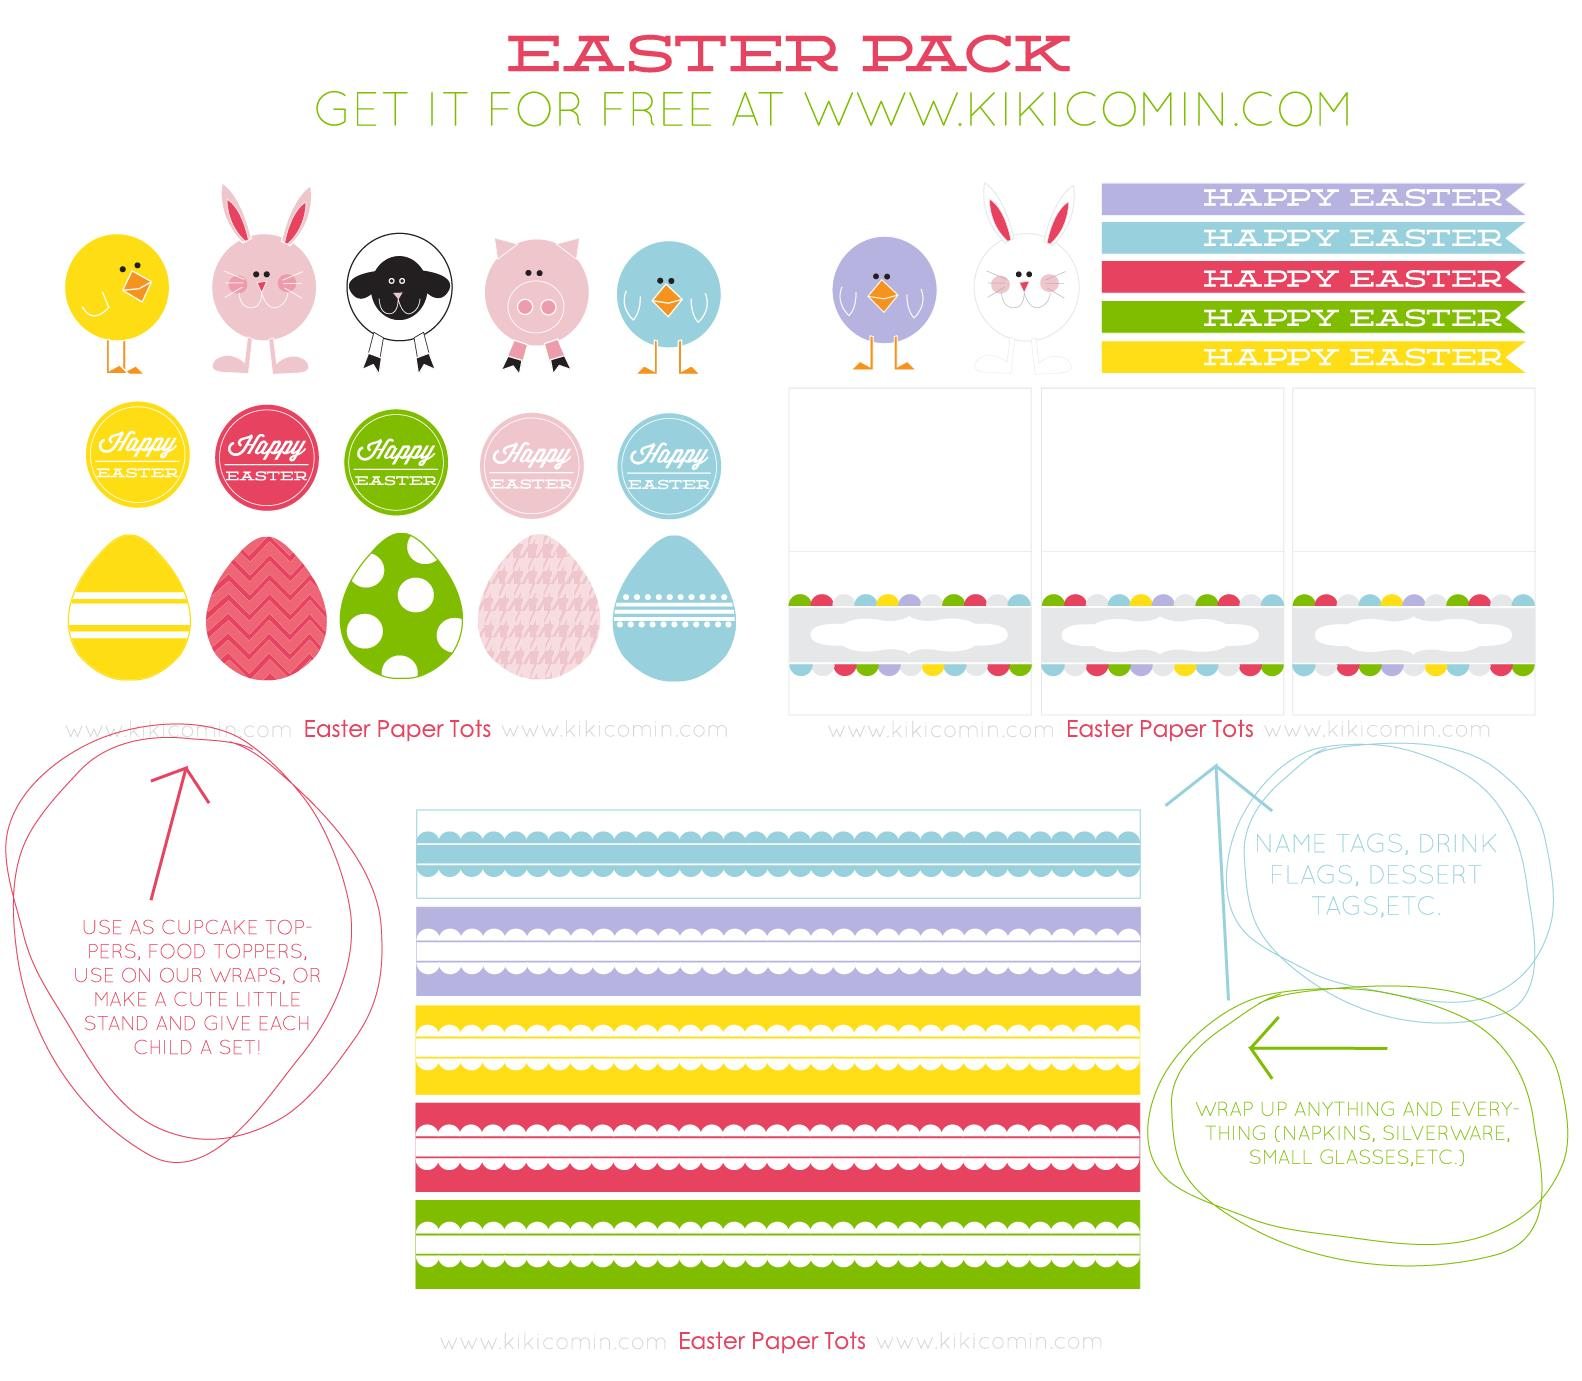 Free Printable Easter Basket Name Tags – Hd Easter Images - Free Printable Easter Basket Name Tags